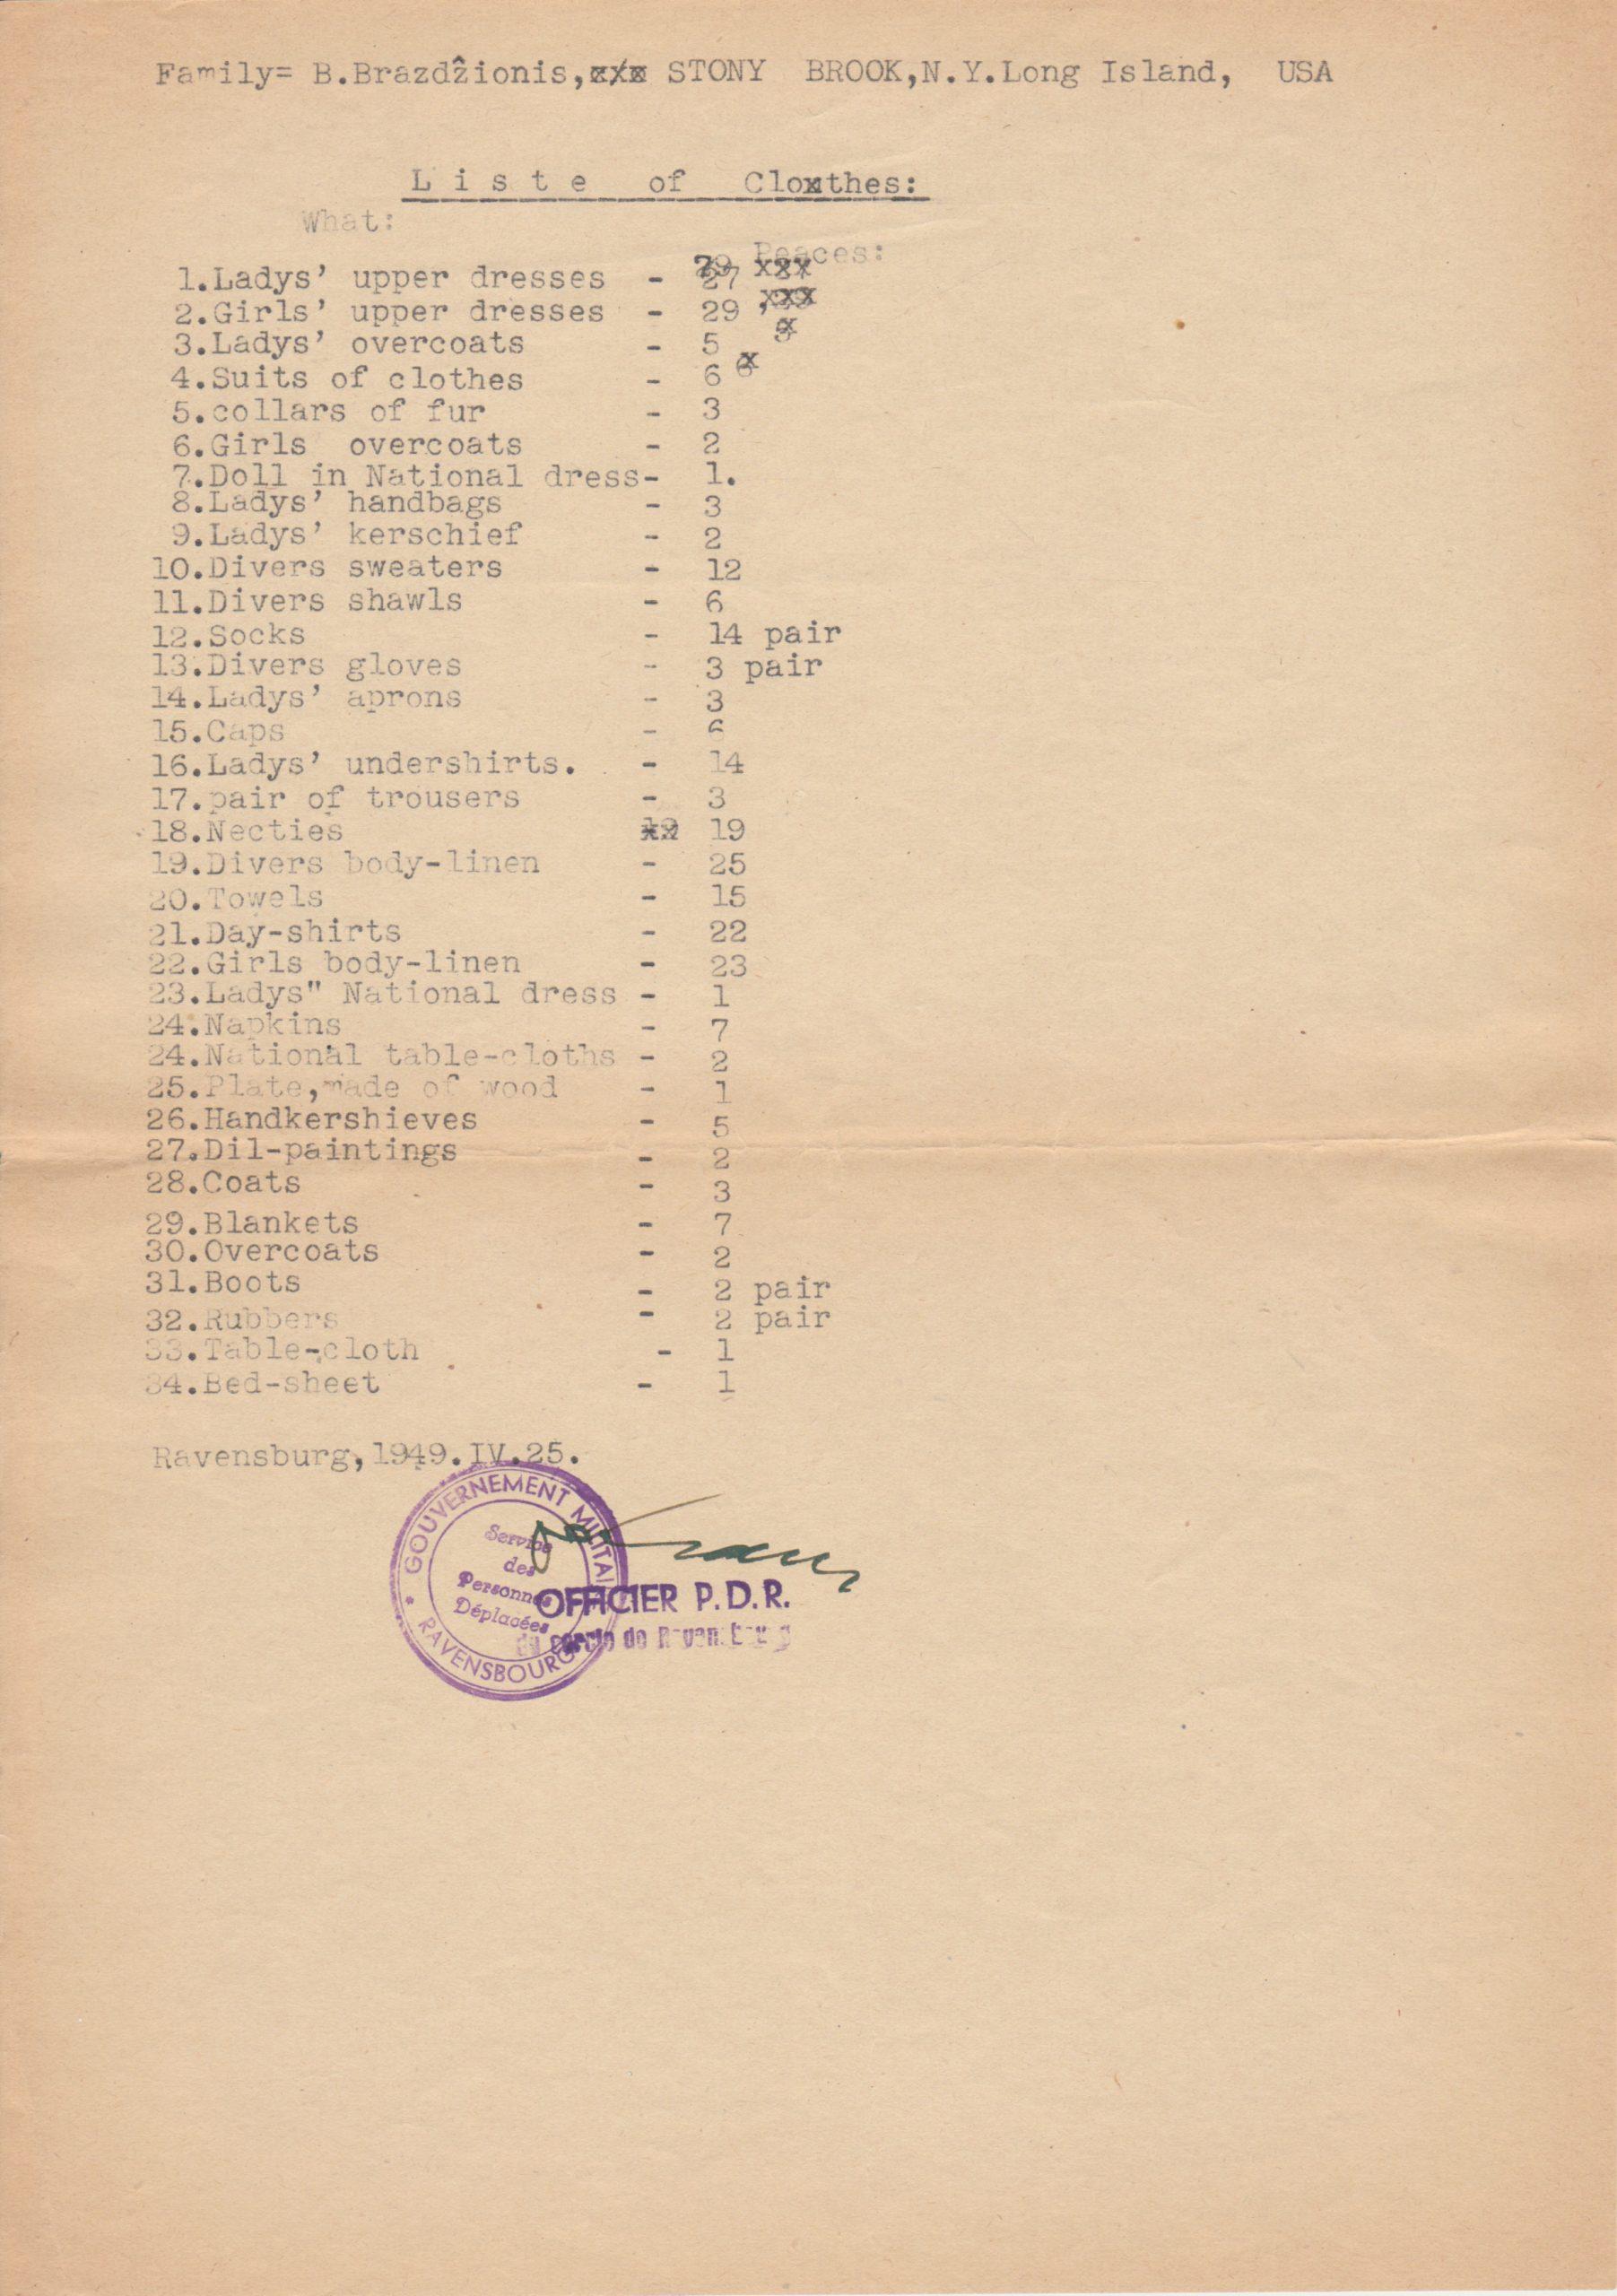 Bern. Brazdžionio šeimos pervežamų į JAV daiktų deklaracija. 1949 m.